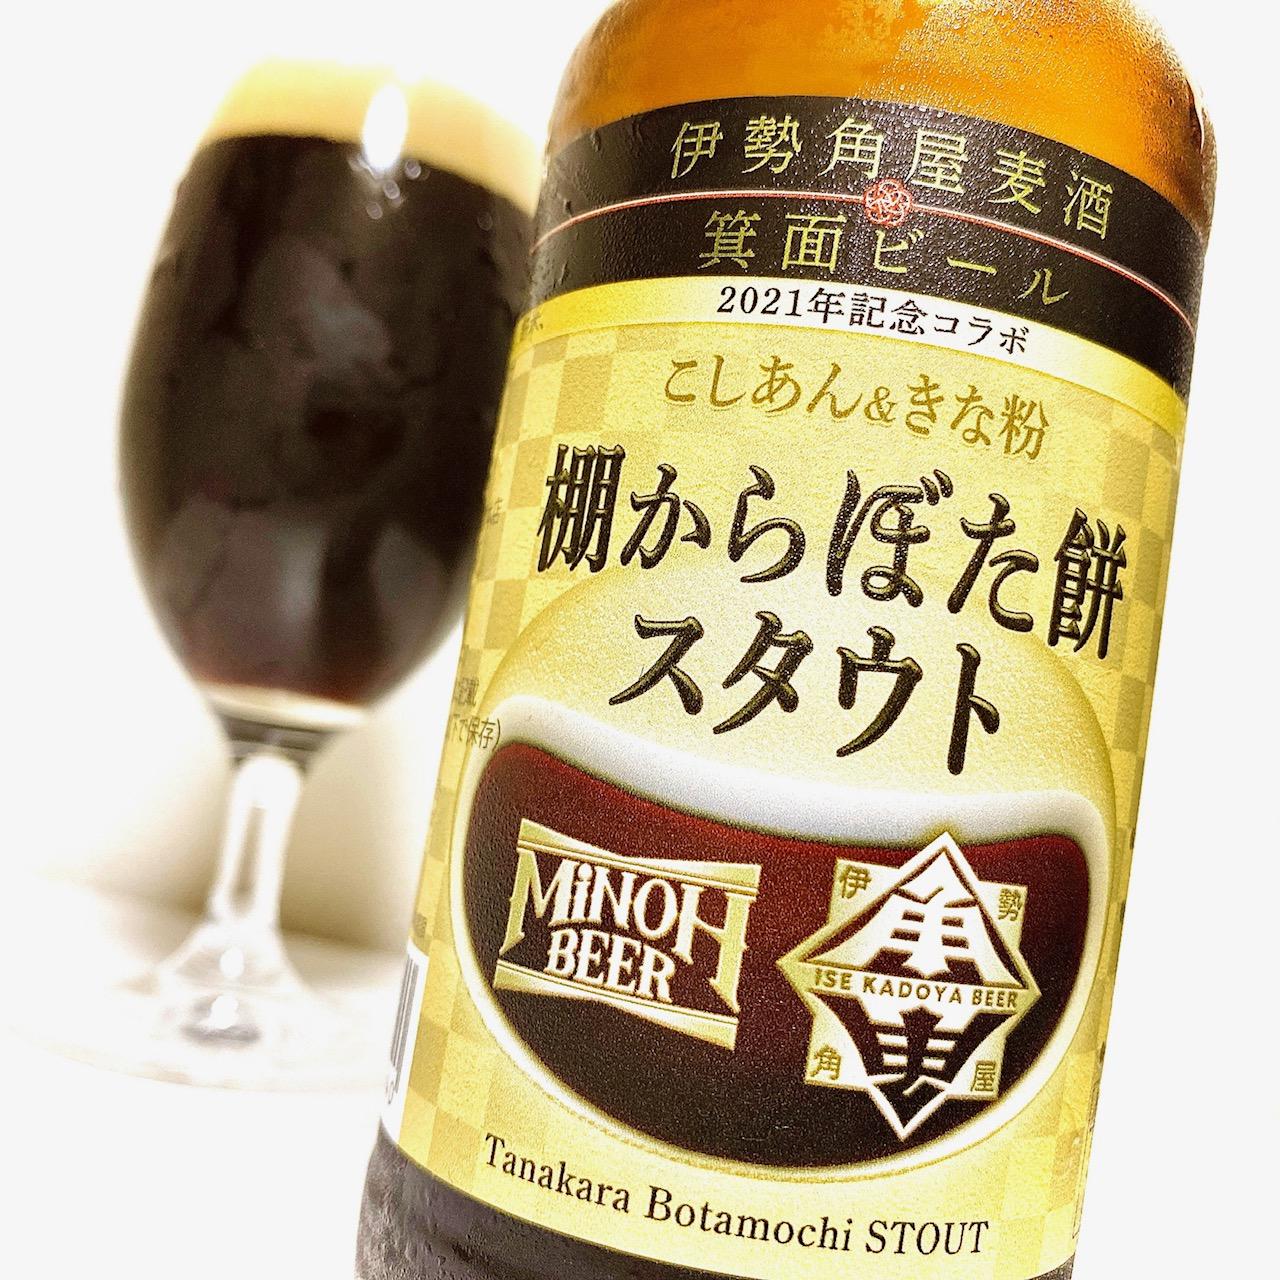 伊勢角屋麦酒×箕面ビール「棚からぼた餅スタウト」